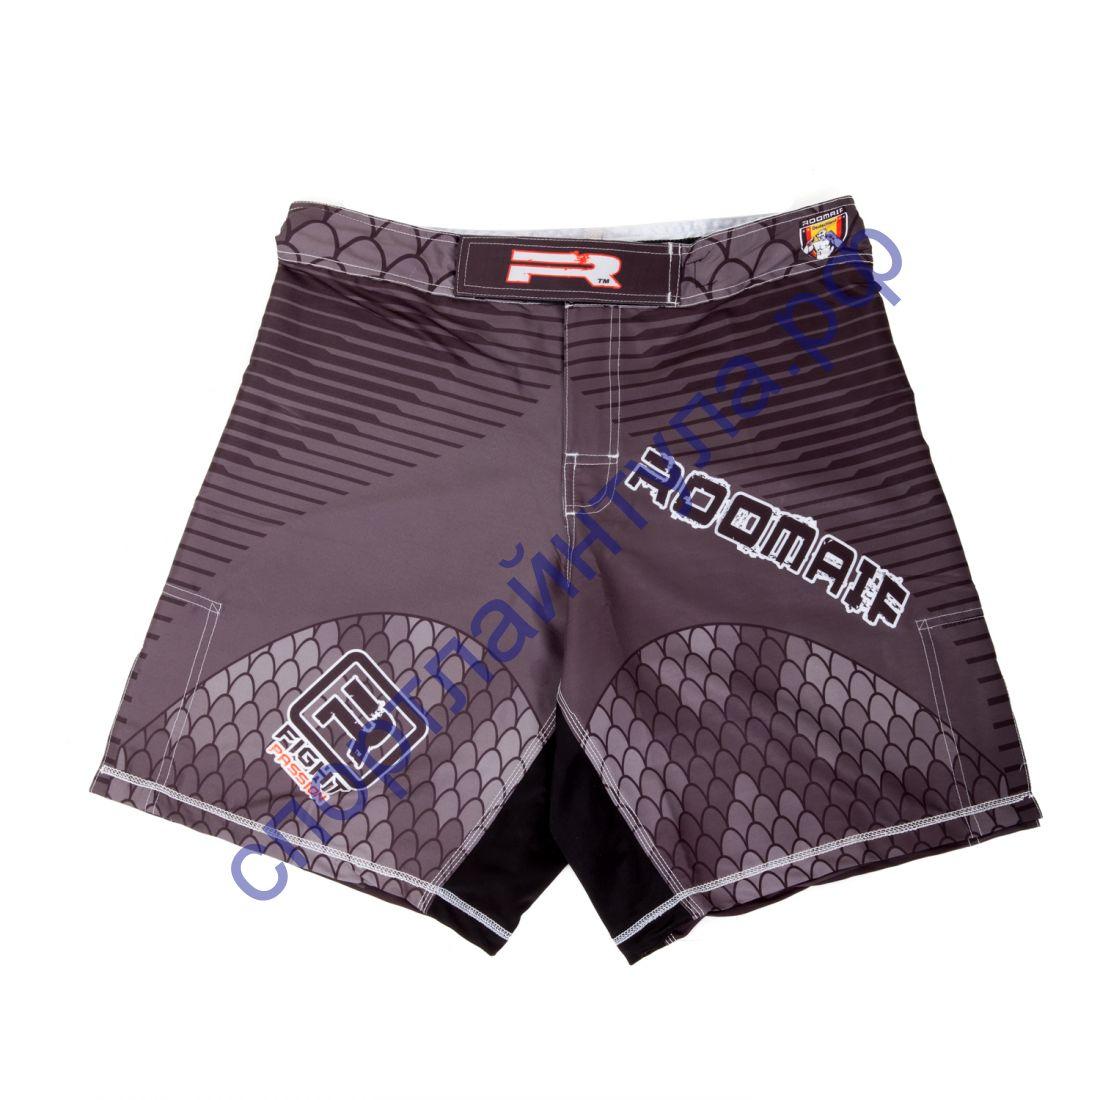 ММА шорты RMF-502 Black/Graphite